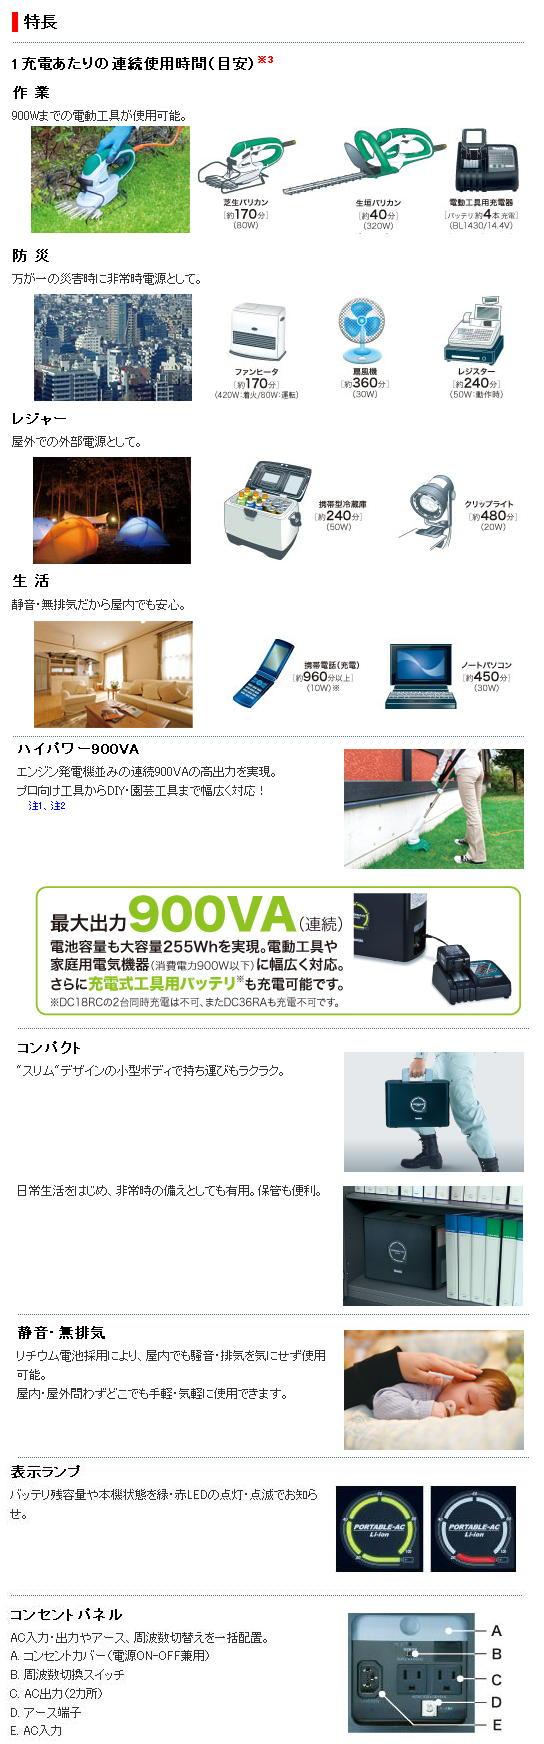 マキタ ポータブル電源 PAC100